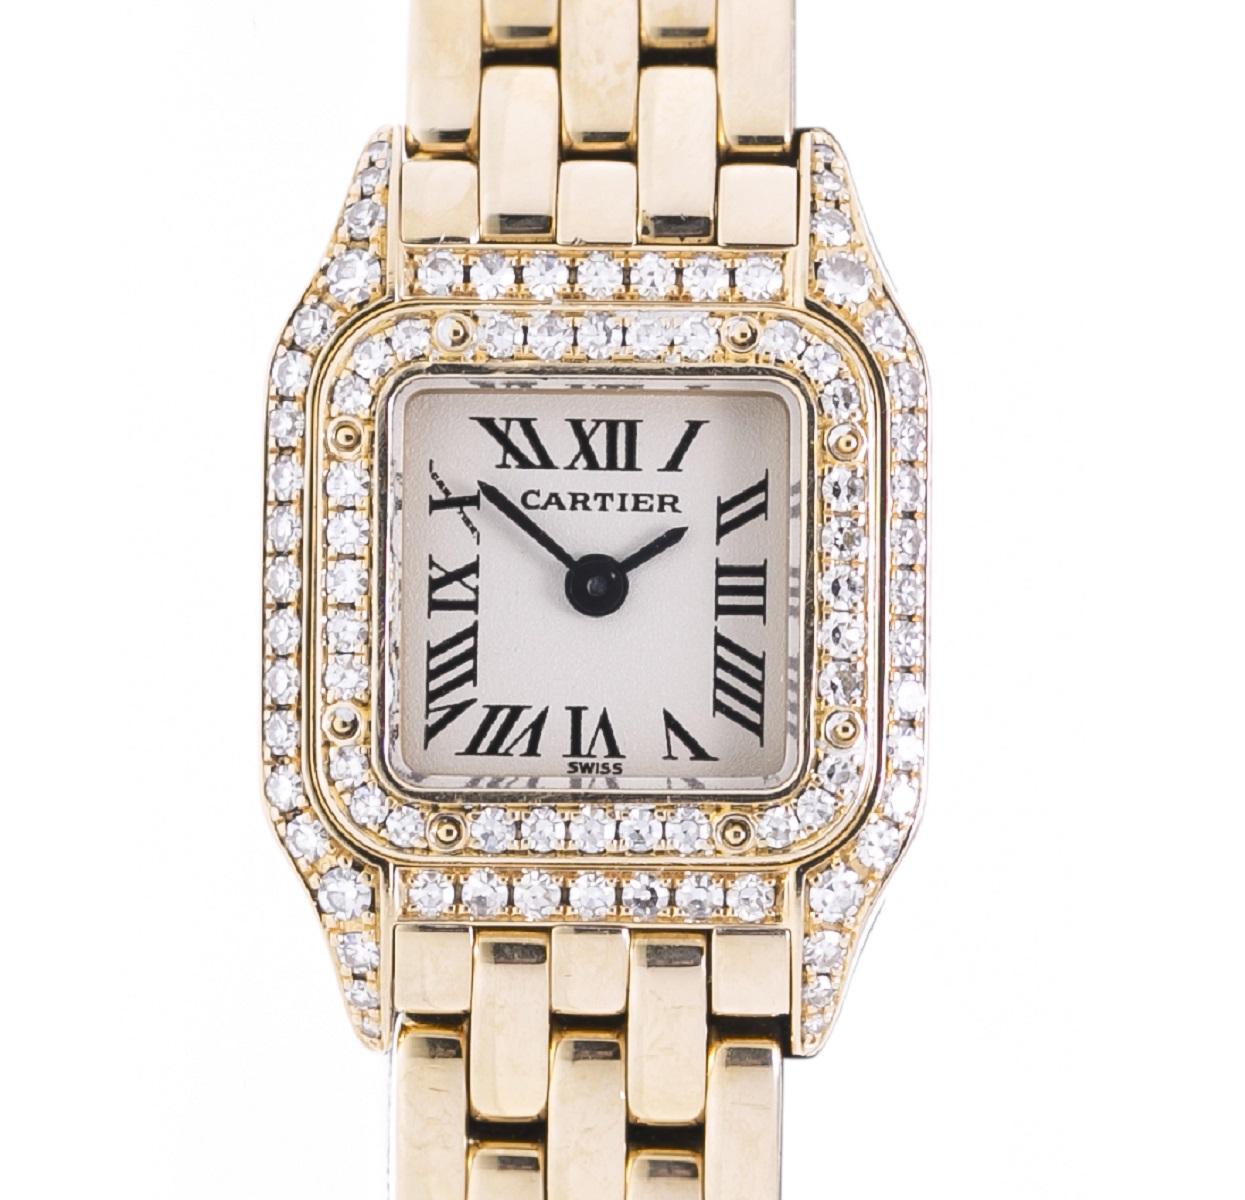 Cartier カルティエ ミニパンテール ダイヤベゼル WF3141B9 レディース 腕時計 YG イエローゴールド Qz クォーツ 送料無料 【トレジャースポット】【中古】